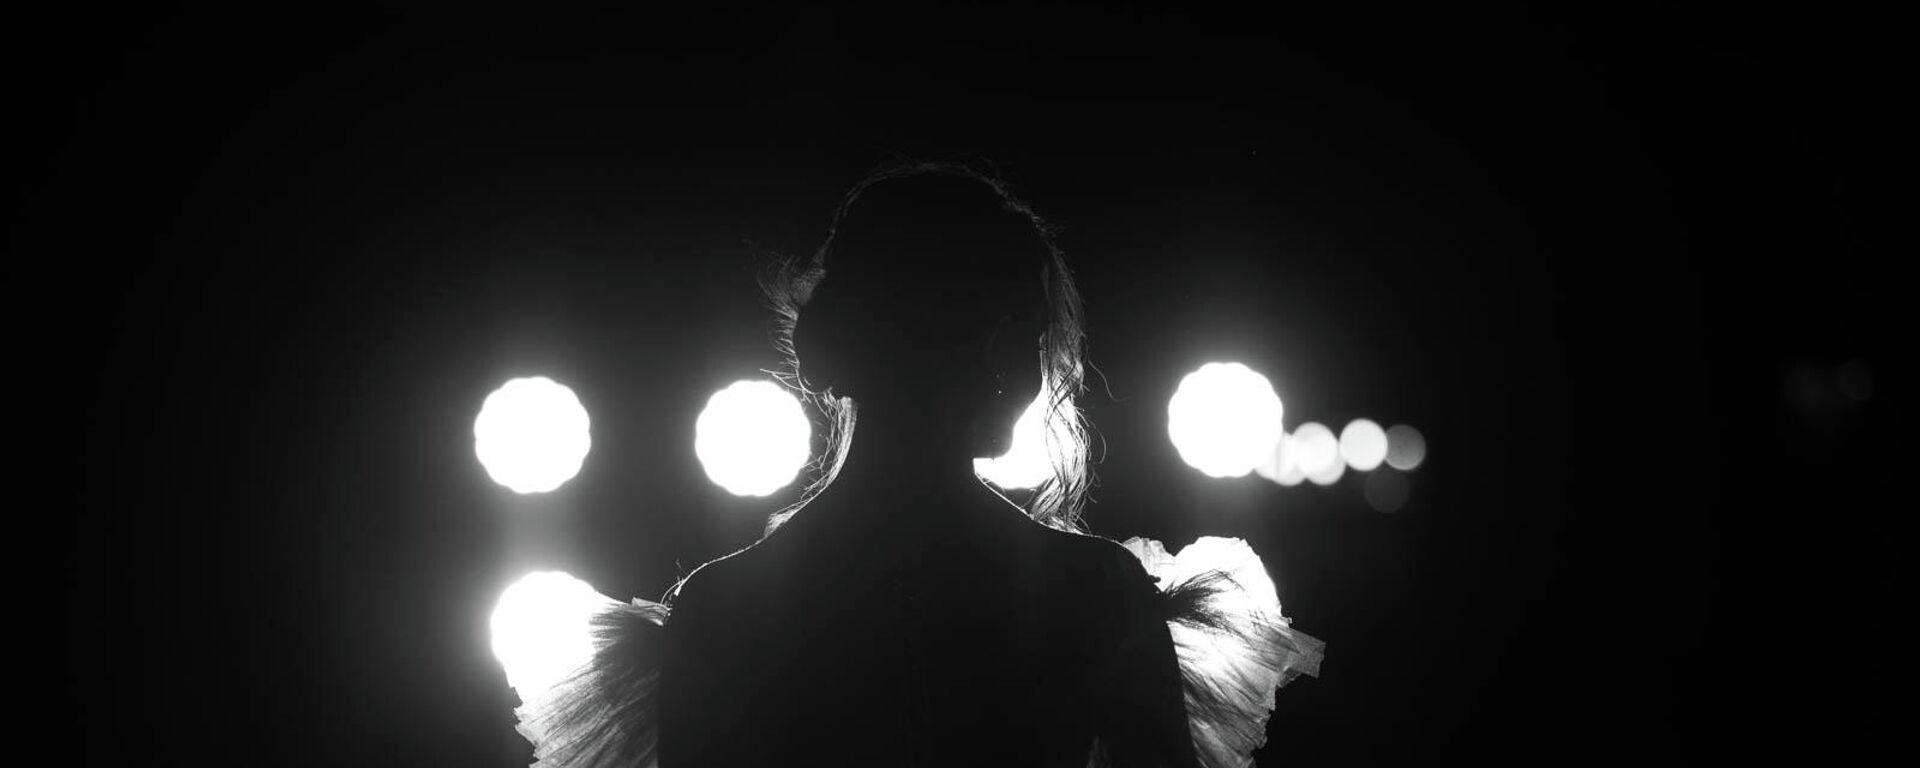 Торжественная церемония избрания победительниц конкурсов Мисс Вселенная Армения и Мисс Мира Армения, которые представят Армению на конкурсах Мисс Вселенная и Мисс Мира (22 сентября 2021). Еревaн - Sputnik Արմենիա, 1920, 22.09.2021